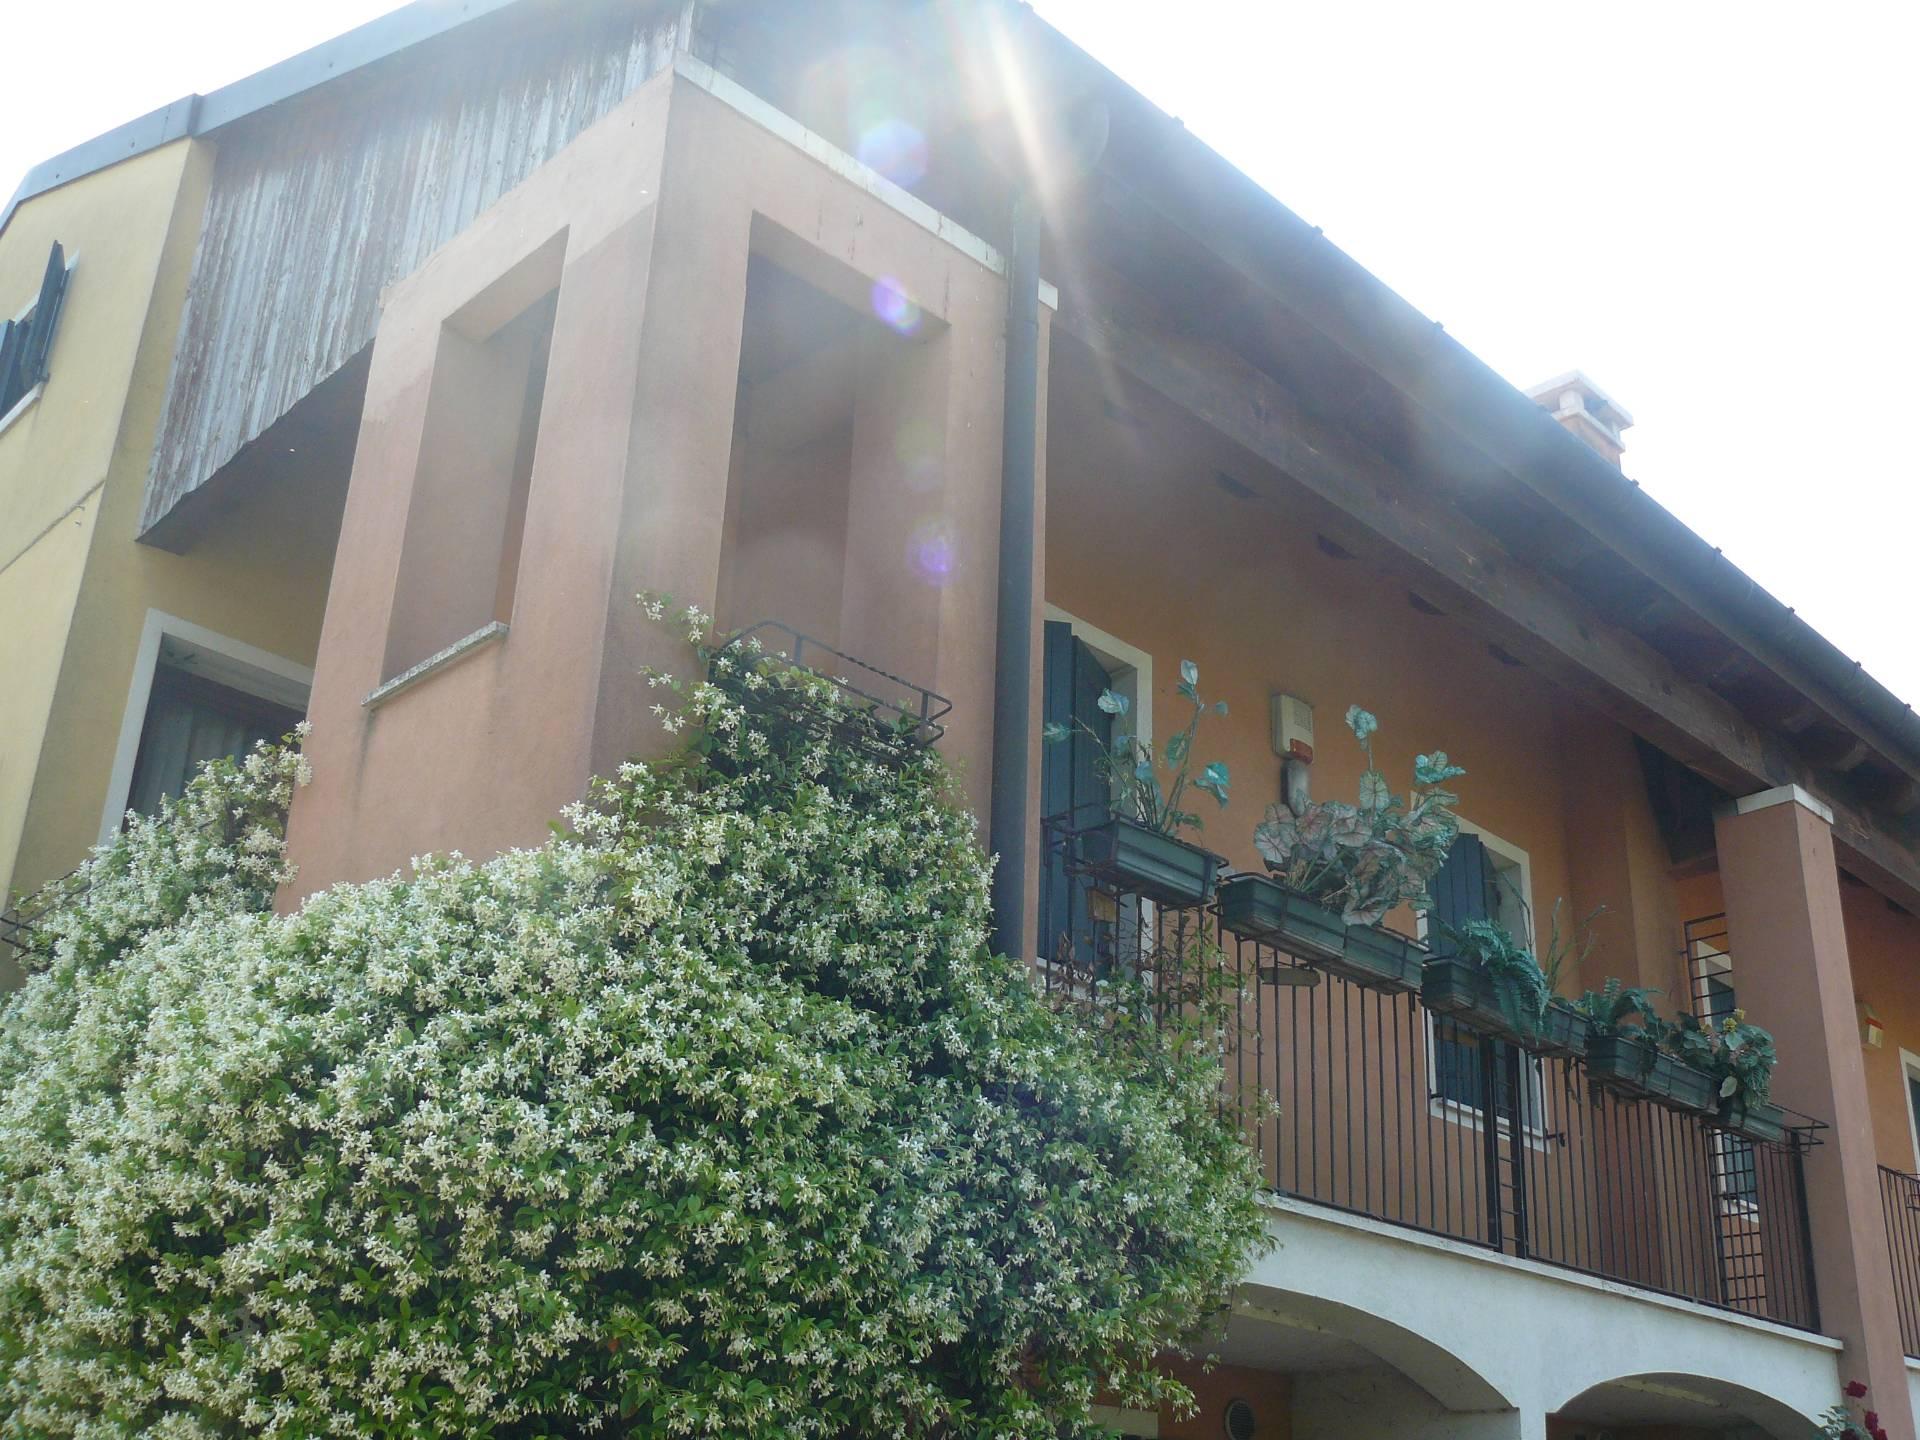 Villa in vendita a Silea, 10 locali, zona Località: Centro, prezzo € 259.000 | CambioCasa.it